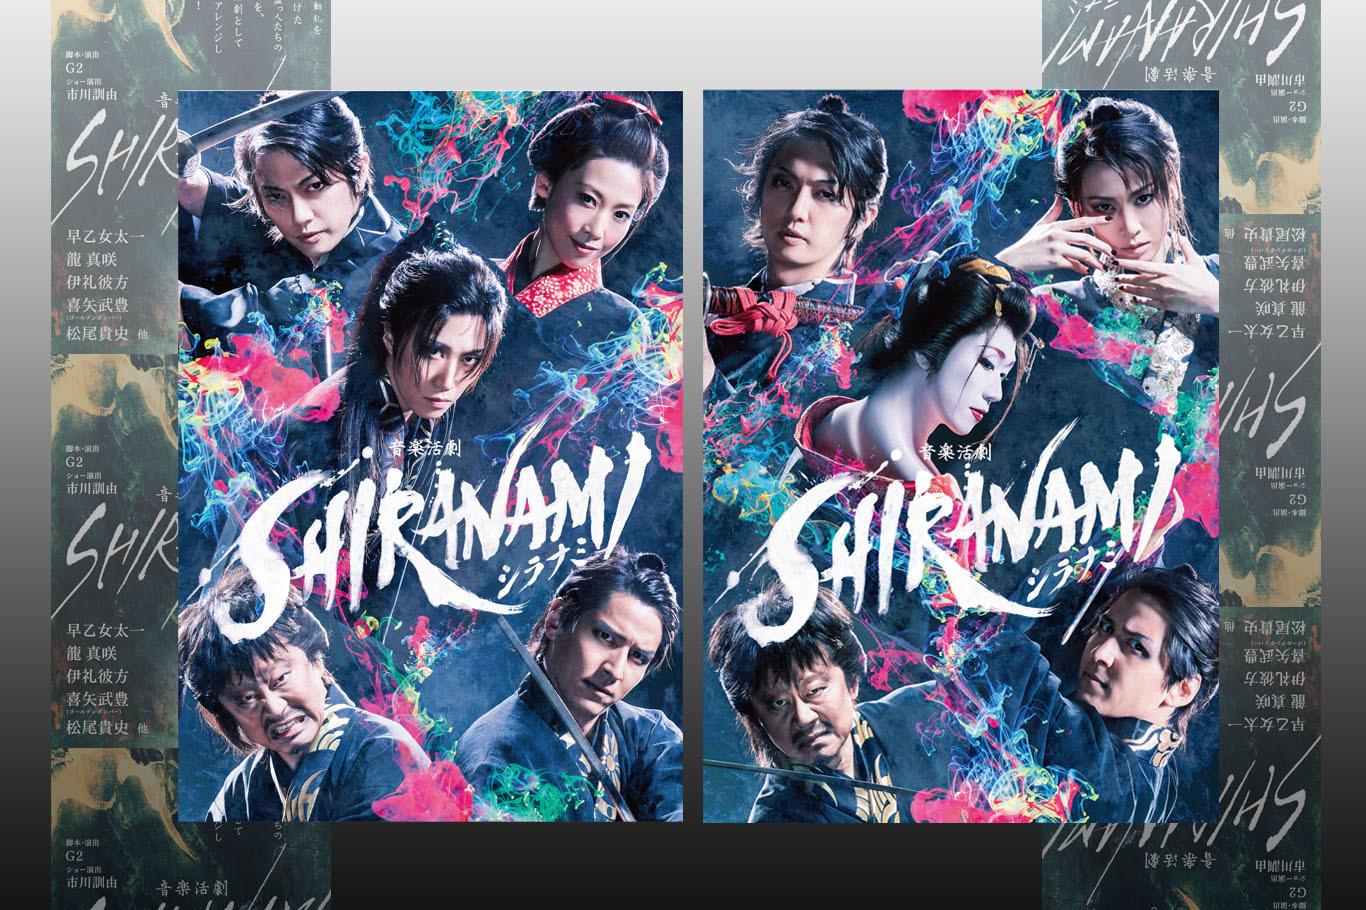 2019年1月『SHIRANAMI』